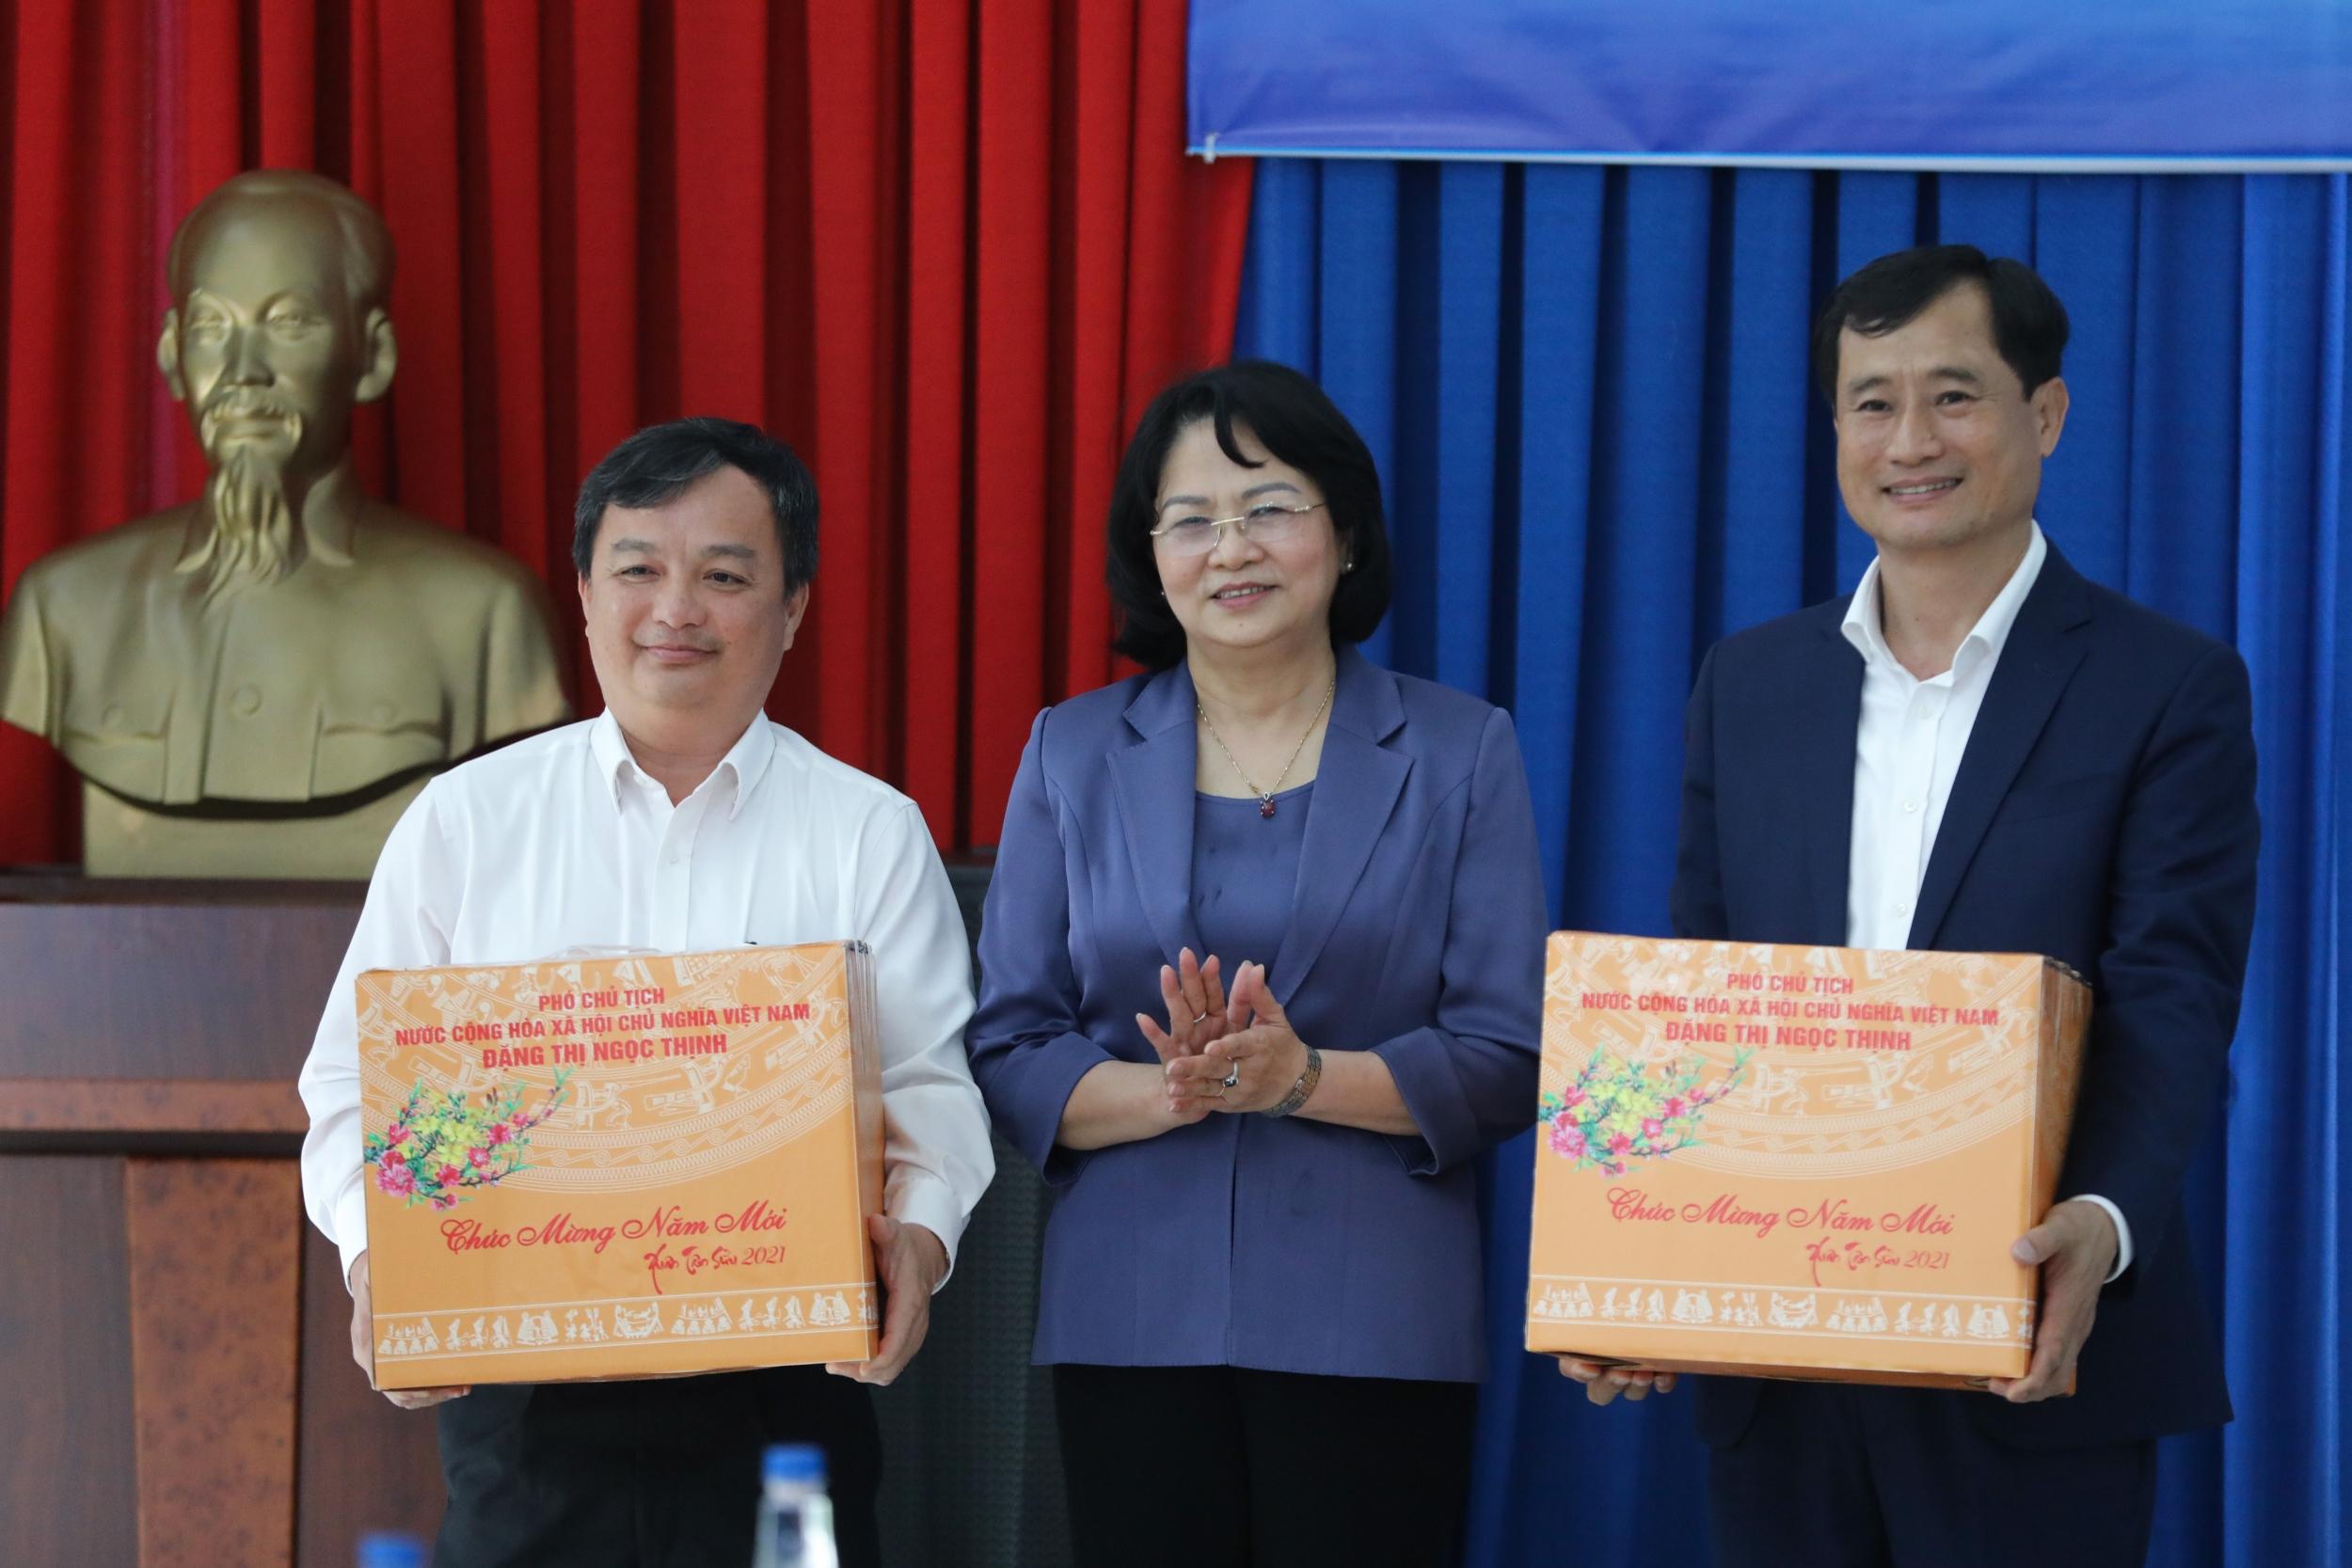 Phó Chủ tịch nước trao quà tết cho đại diện Ủy ban nhân dân tỉnh Bình Dương và ông Trần Minh Văn – Giám đốc Điều hành Khối Sản Xuất của Vinamilk